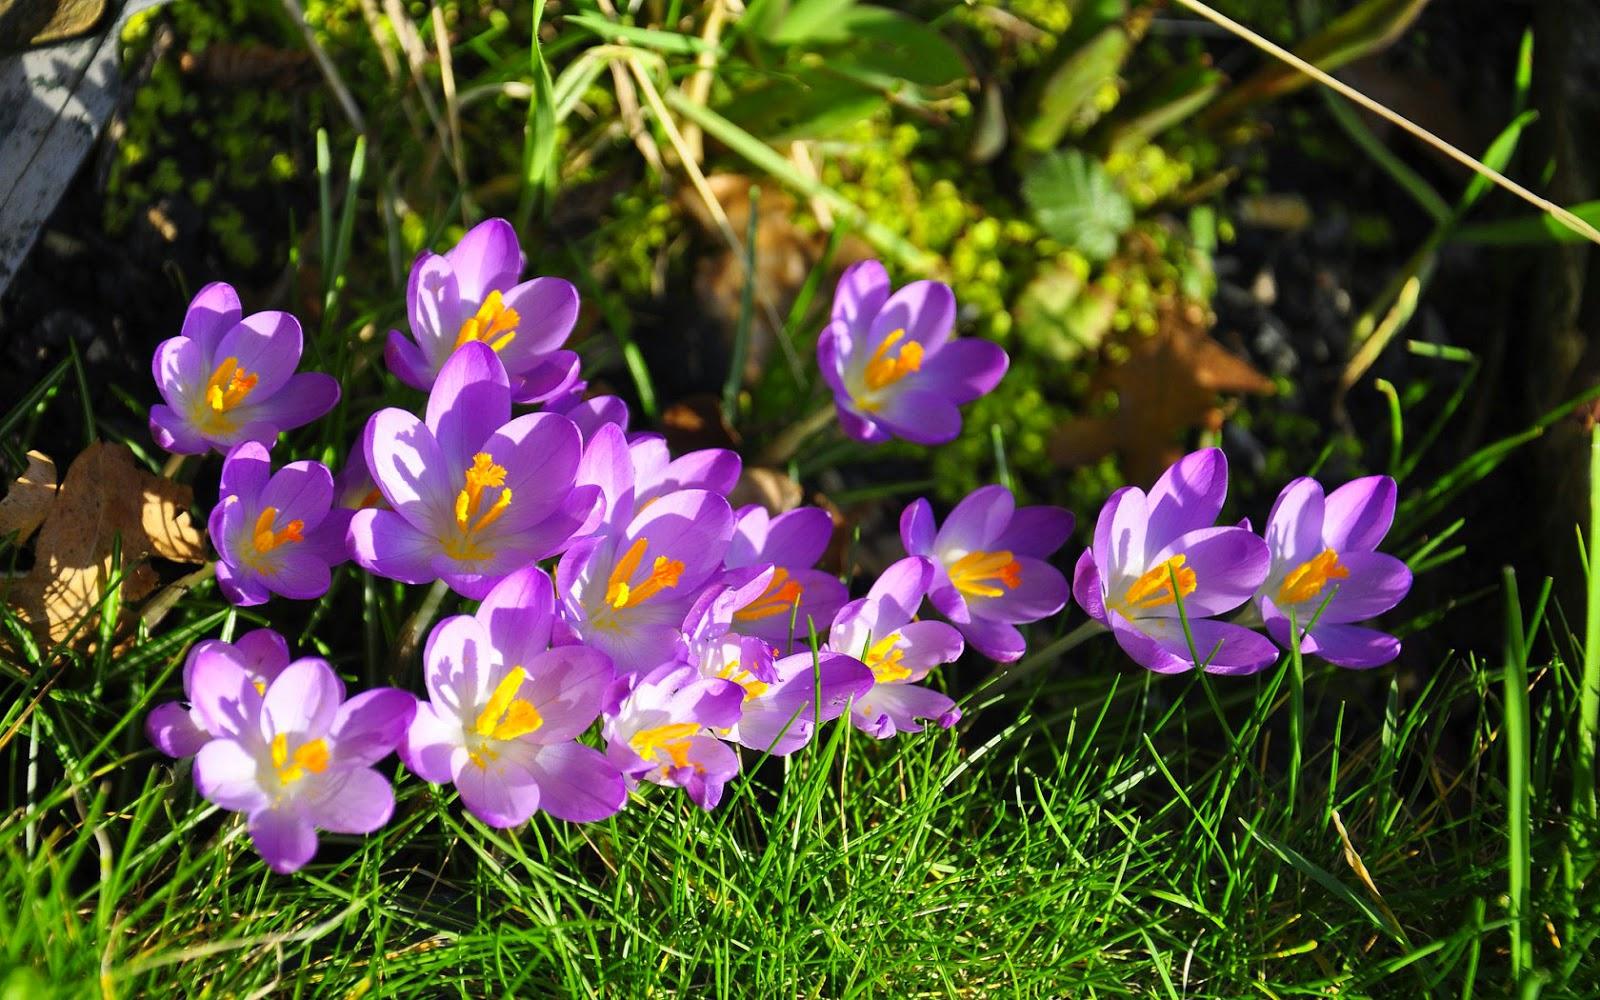 Paarse krokussen in bloei in het wild